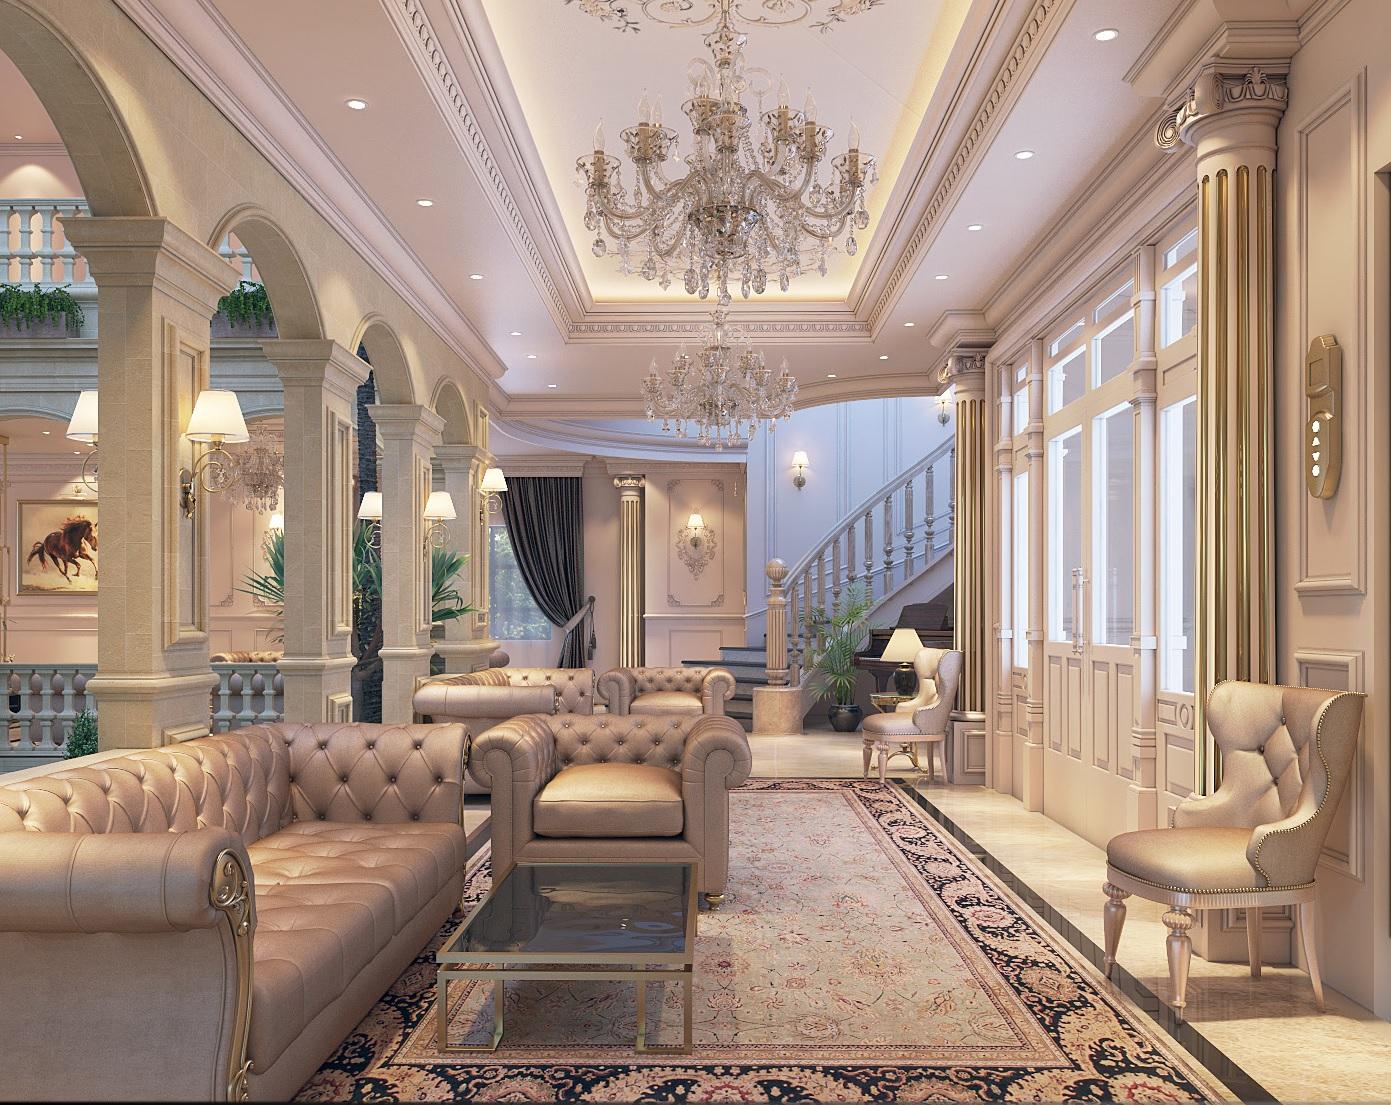 Mẫu nội thất biệt thự cổ điển hoàng gia-7